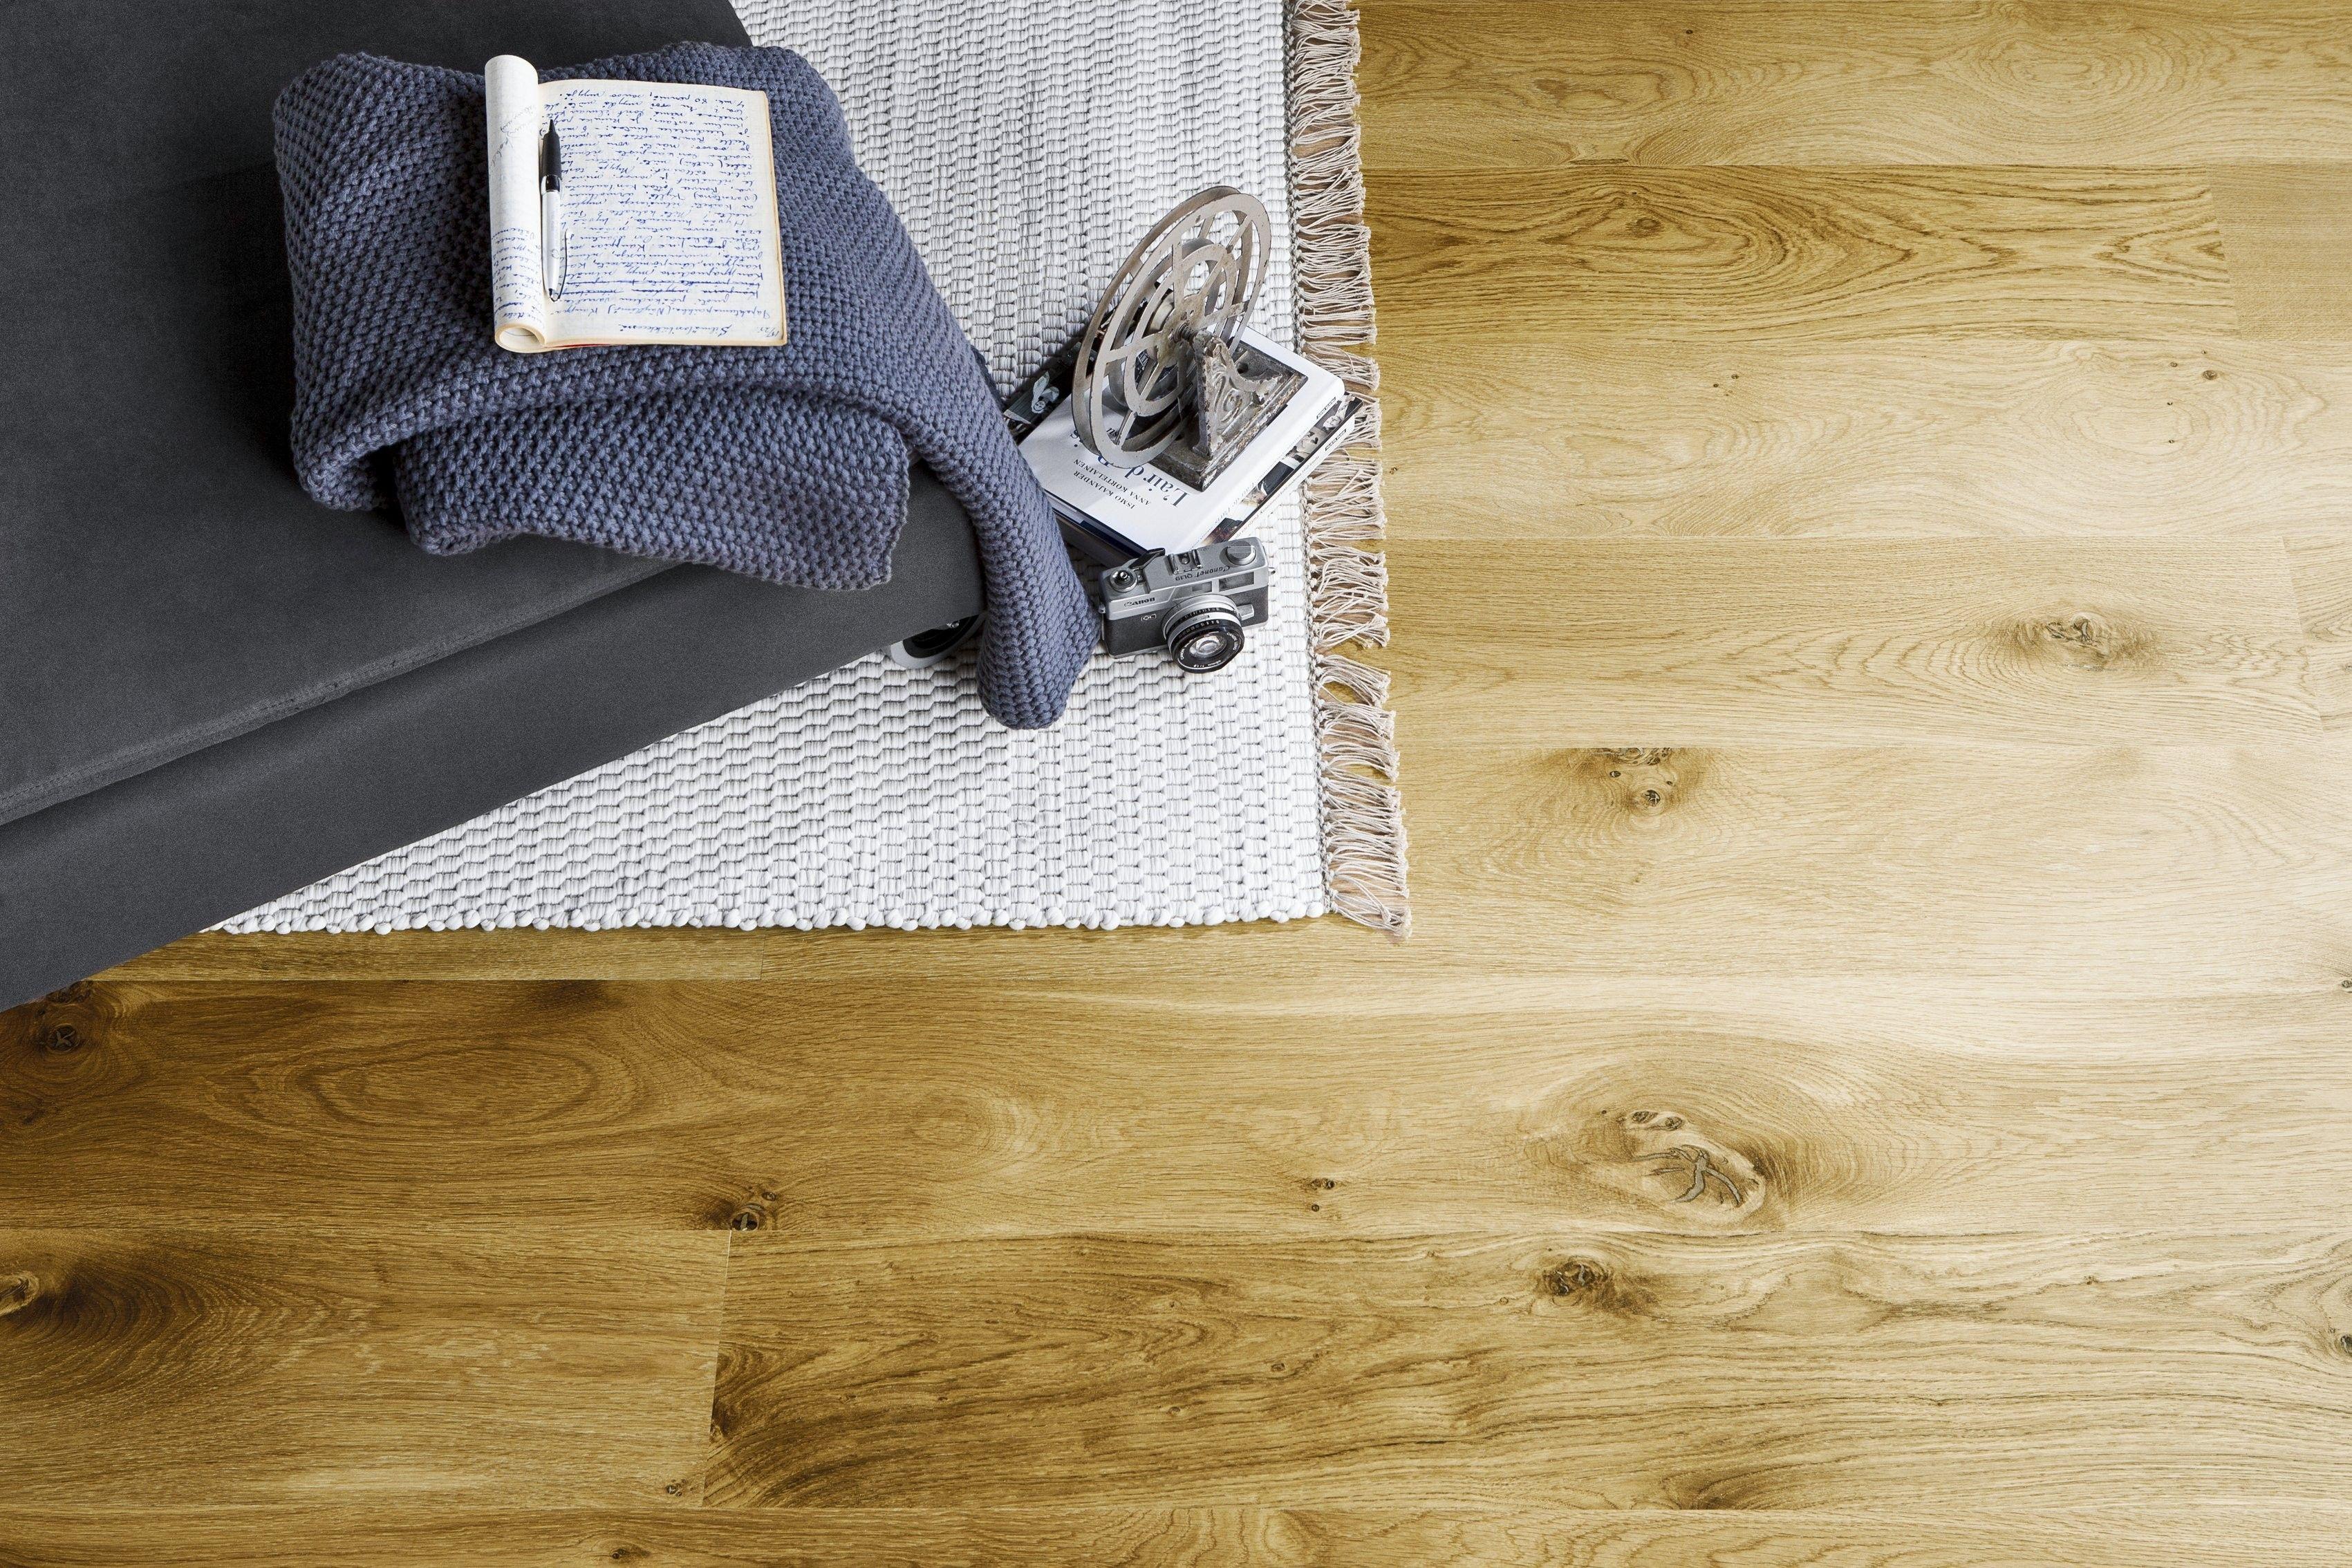 Klassikkona tunnettu 190mm leveä Parla Tammi Villa parketti on tyylikäs ja rouhea niin kotiin kuin mökille sopiva elegantti 1-säleinen parkettilattia. Yksisäleisen Tammi Villa parketin lankkumaista olemusta korostaa jokaisella neljällä sivulla oleva mikroviiste. Parketti on valmistettu 100% Suomessa aidosta tammesta ja se on suunniteltu kestämään suomalaiset olosuhteet ja antamaan mukavuutta ja aidon puun tuomaa lämpöä jokaiseen kodin tilaan.